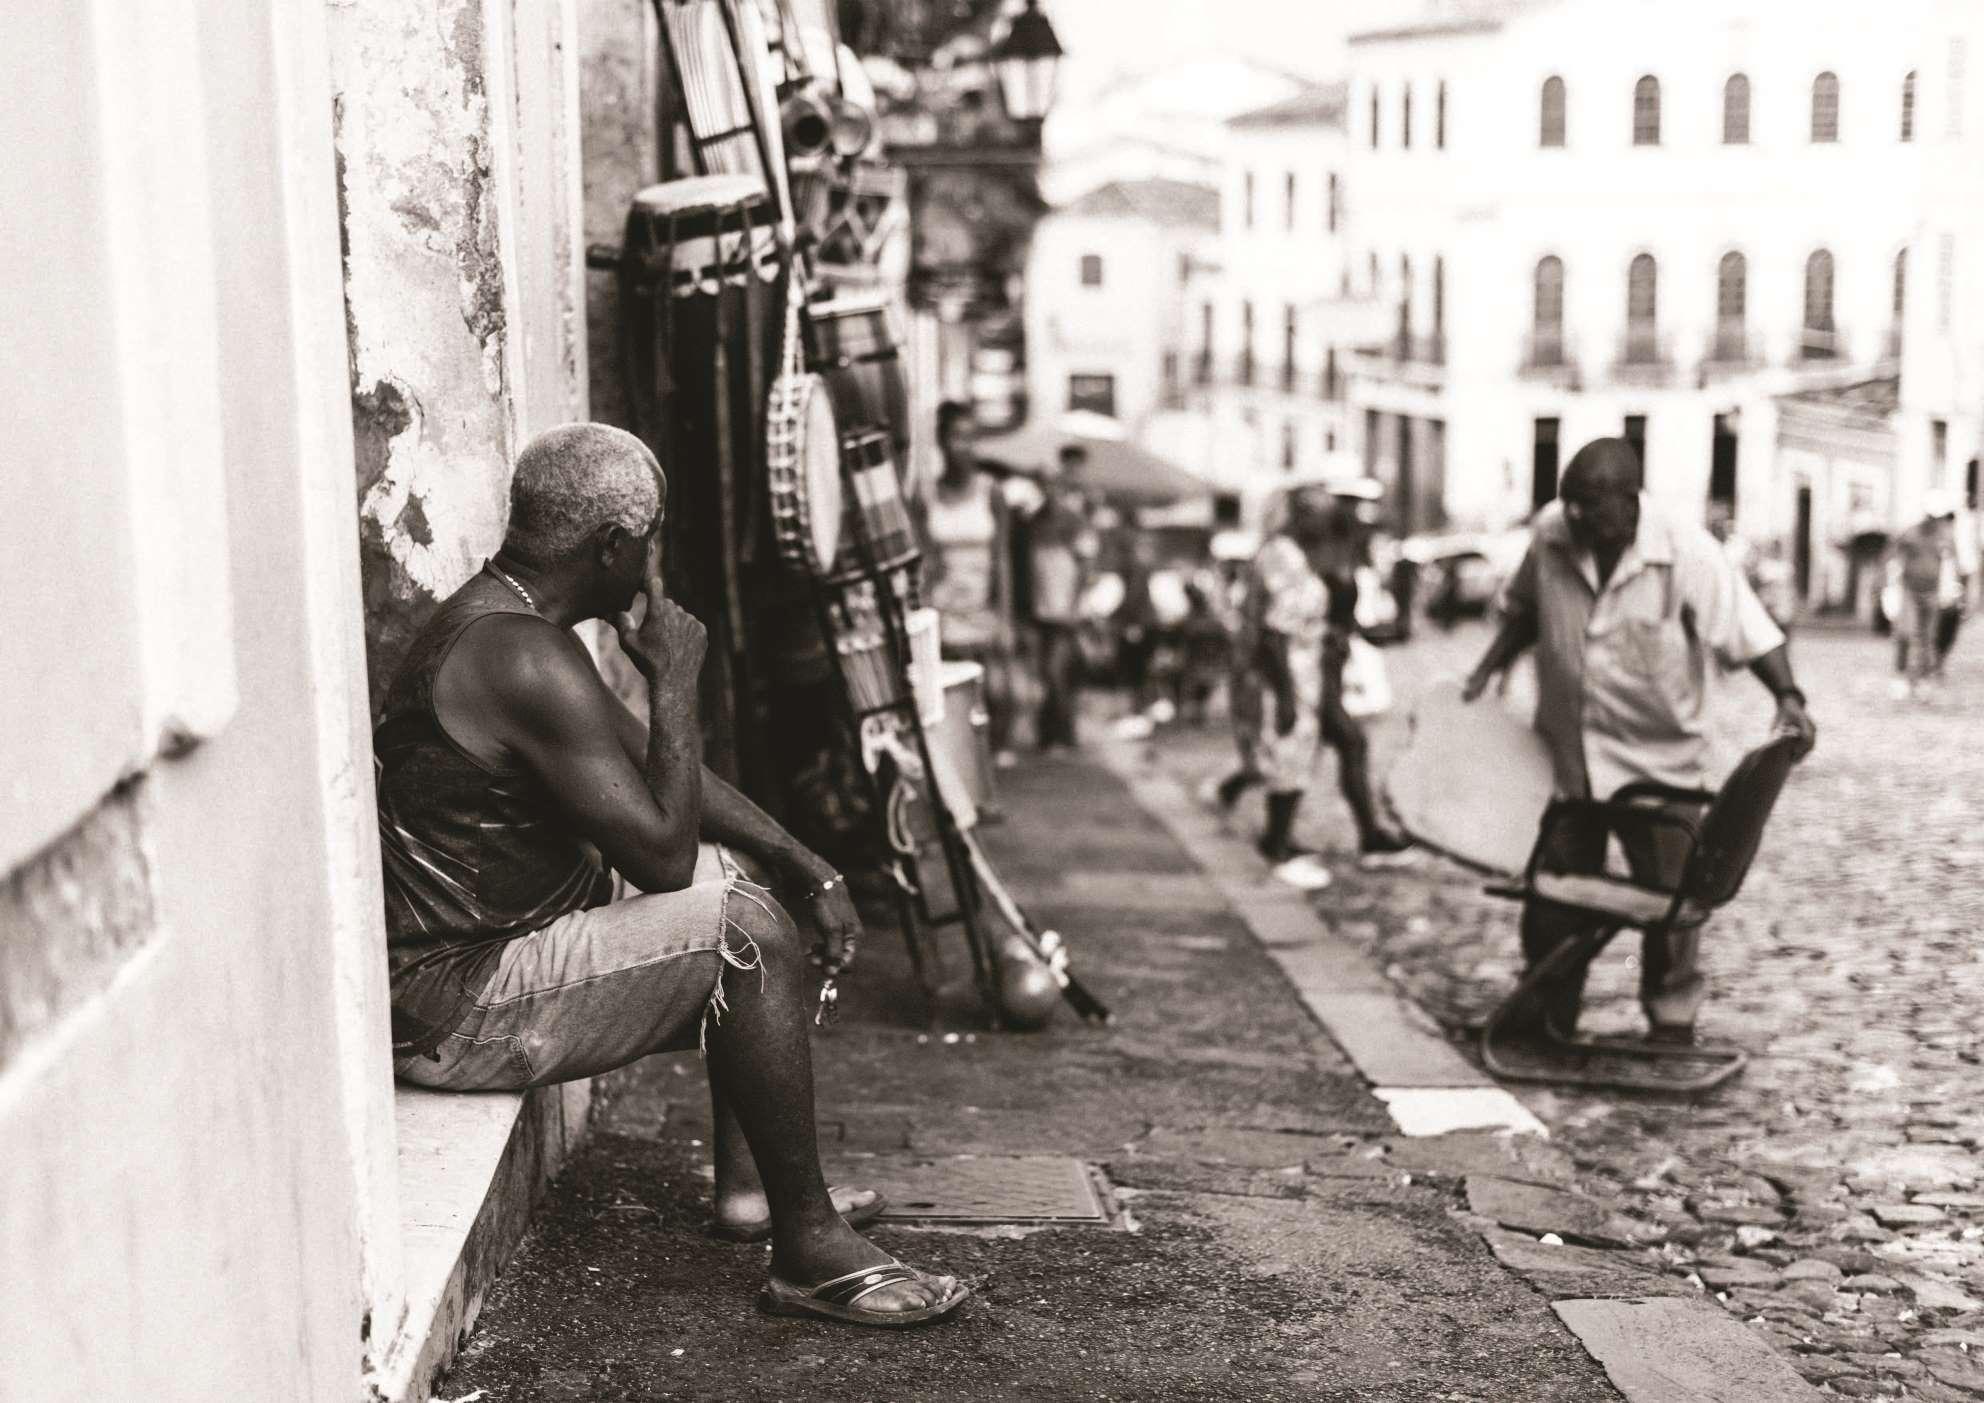 Fotógrafo venezuelano lança Next Door Journal: um projeto de amor ao Brasil, na Bienal do RJ e em São Paulo   : : CidadeMarketing : :